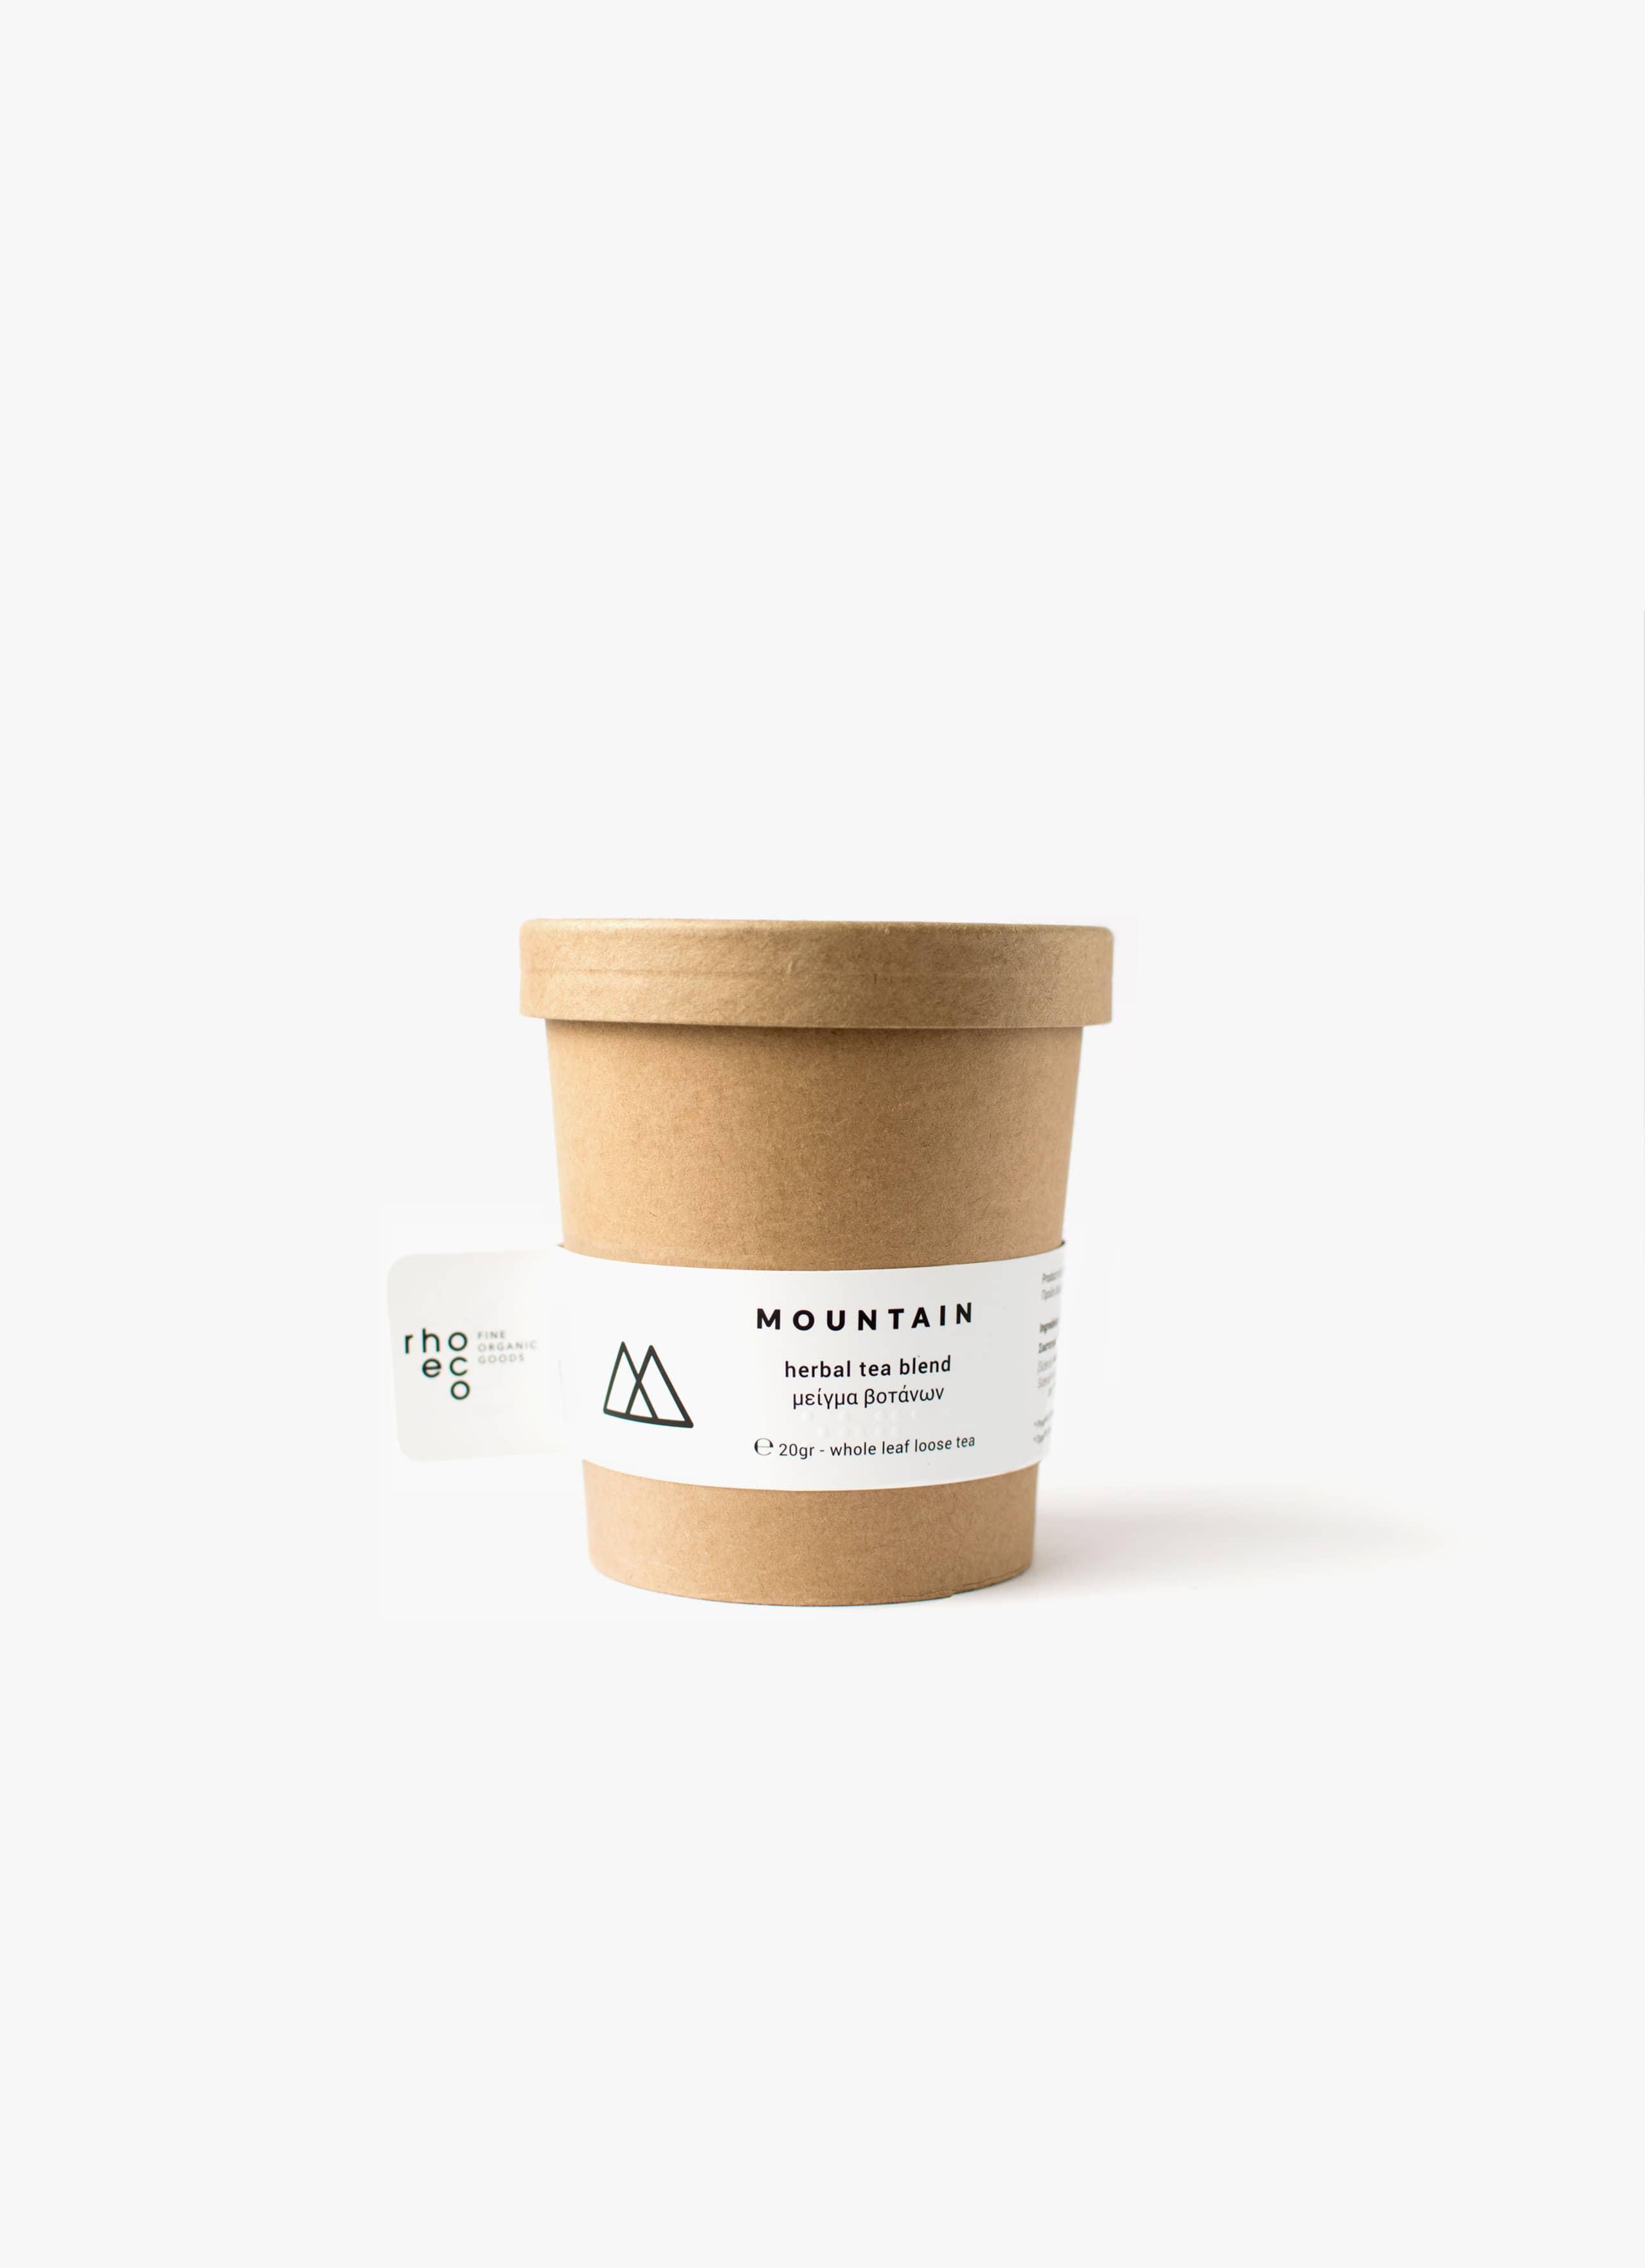 Rhoeco - Organic Tea - Drink it - Plant it - Mountain